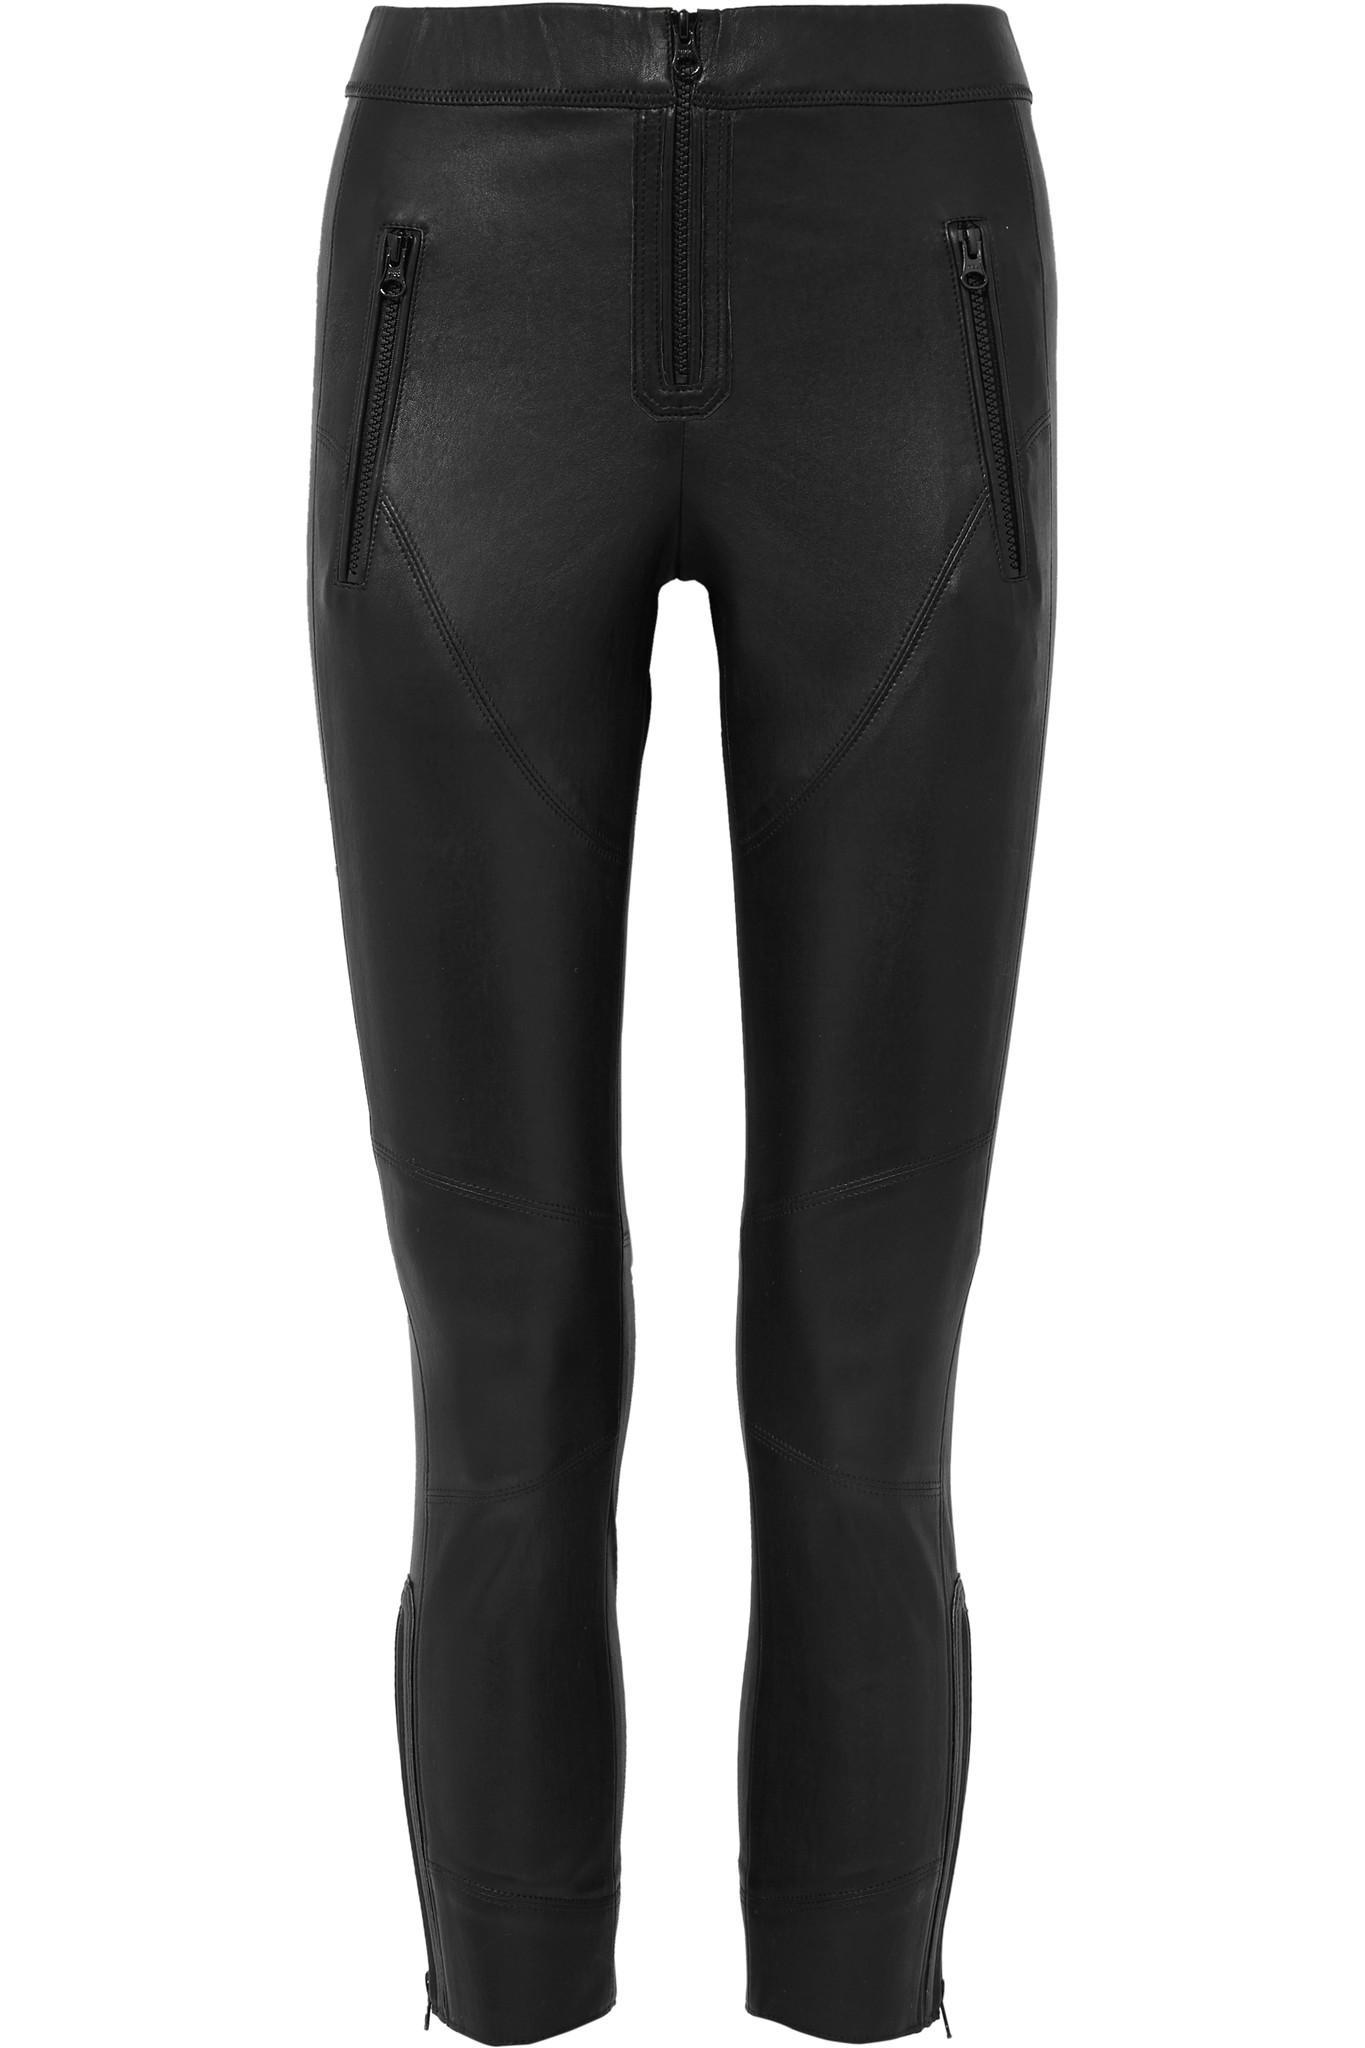 Happy Leather Skinny Pants - Black Isabel Marant mzIXdUZg